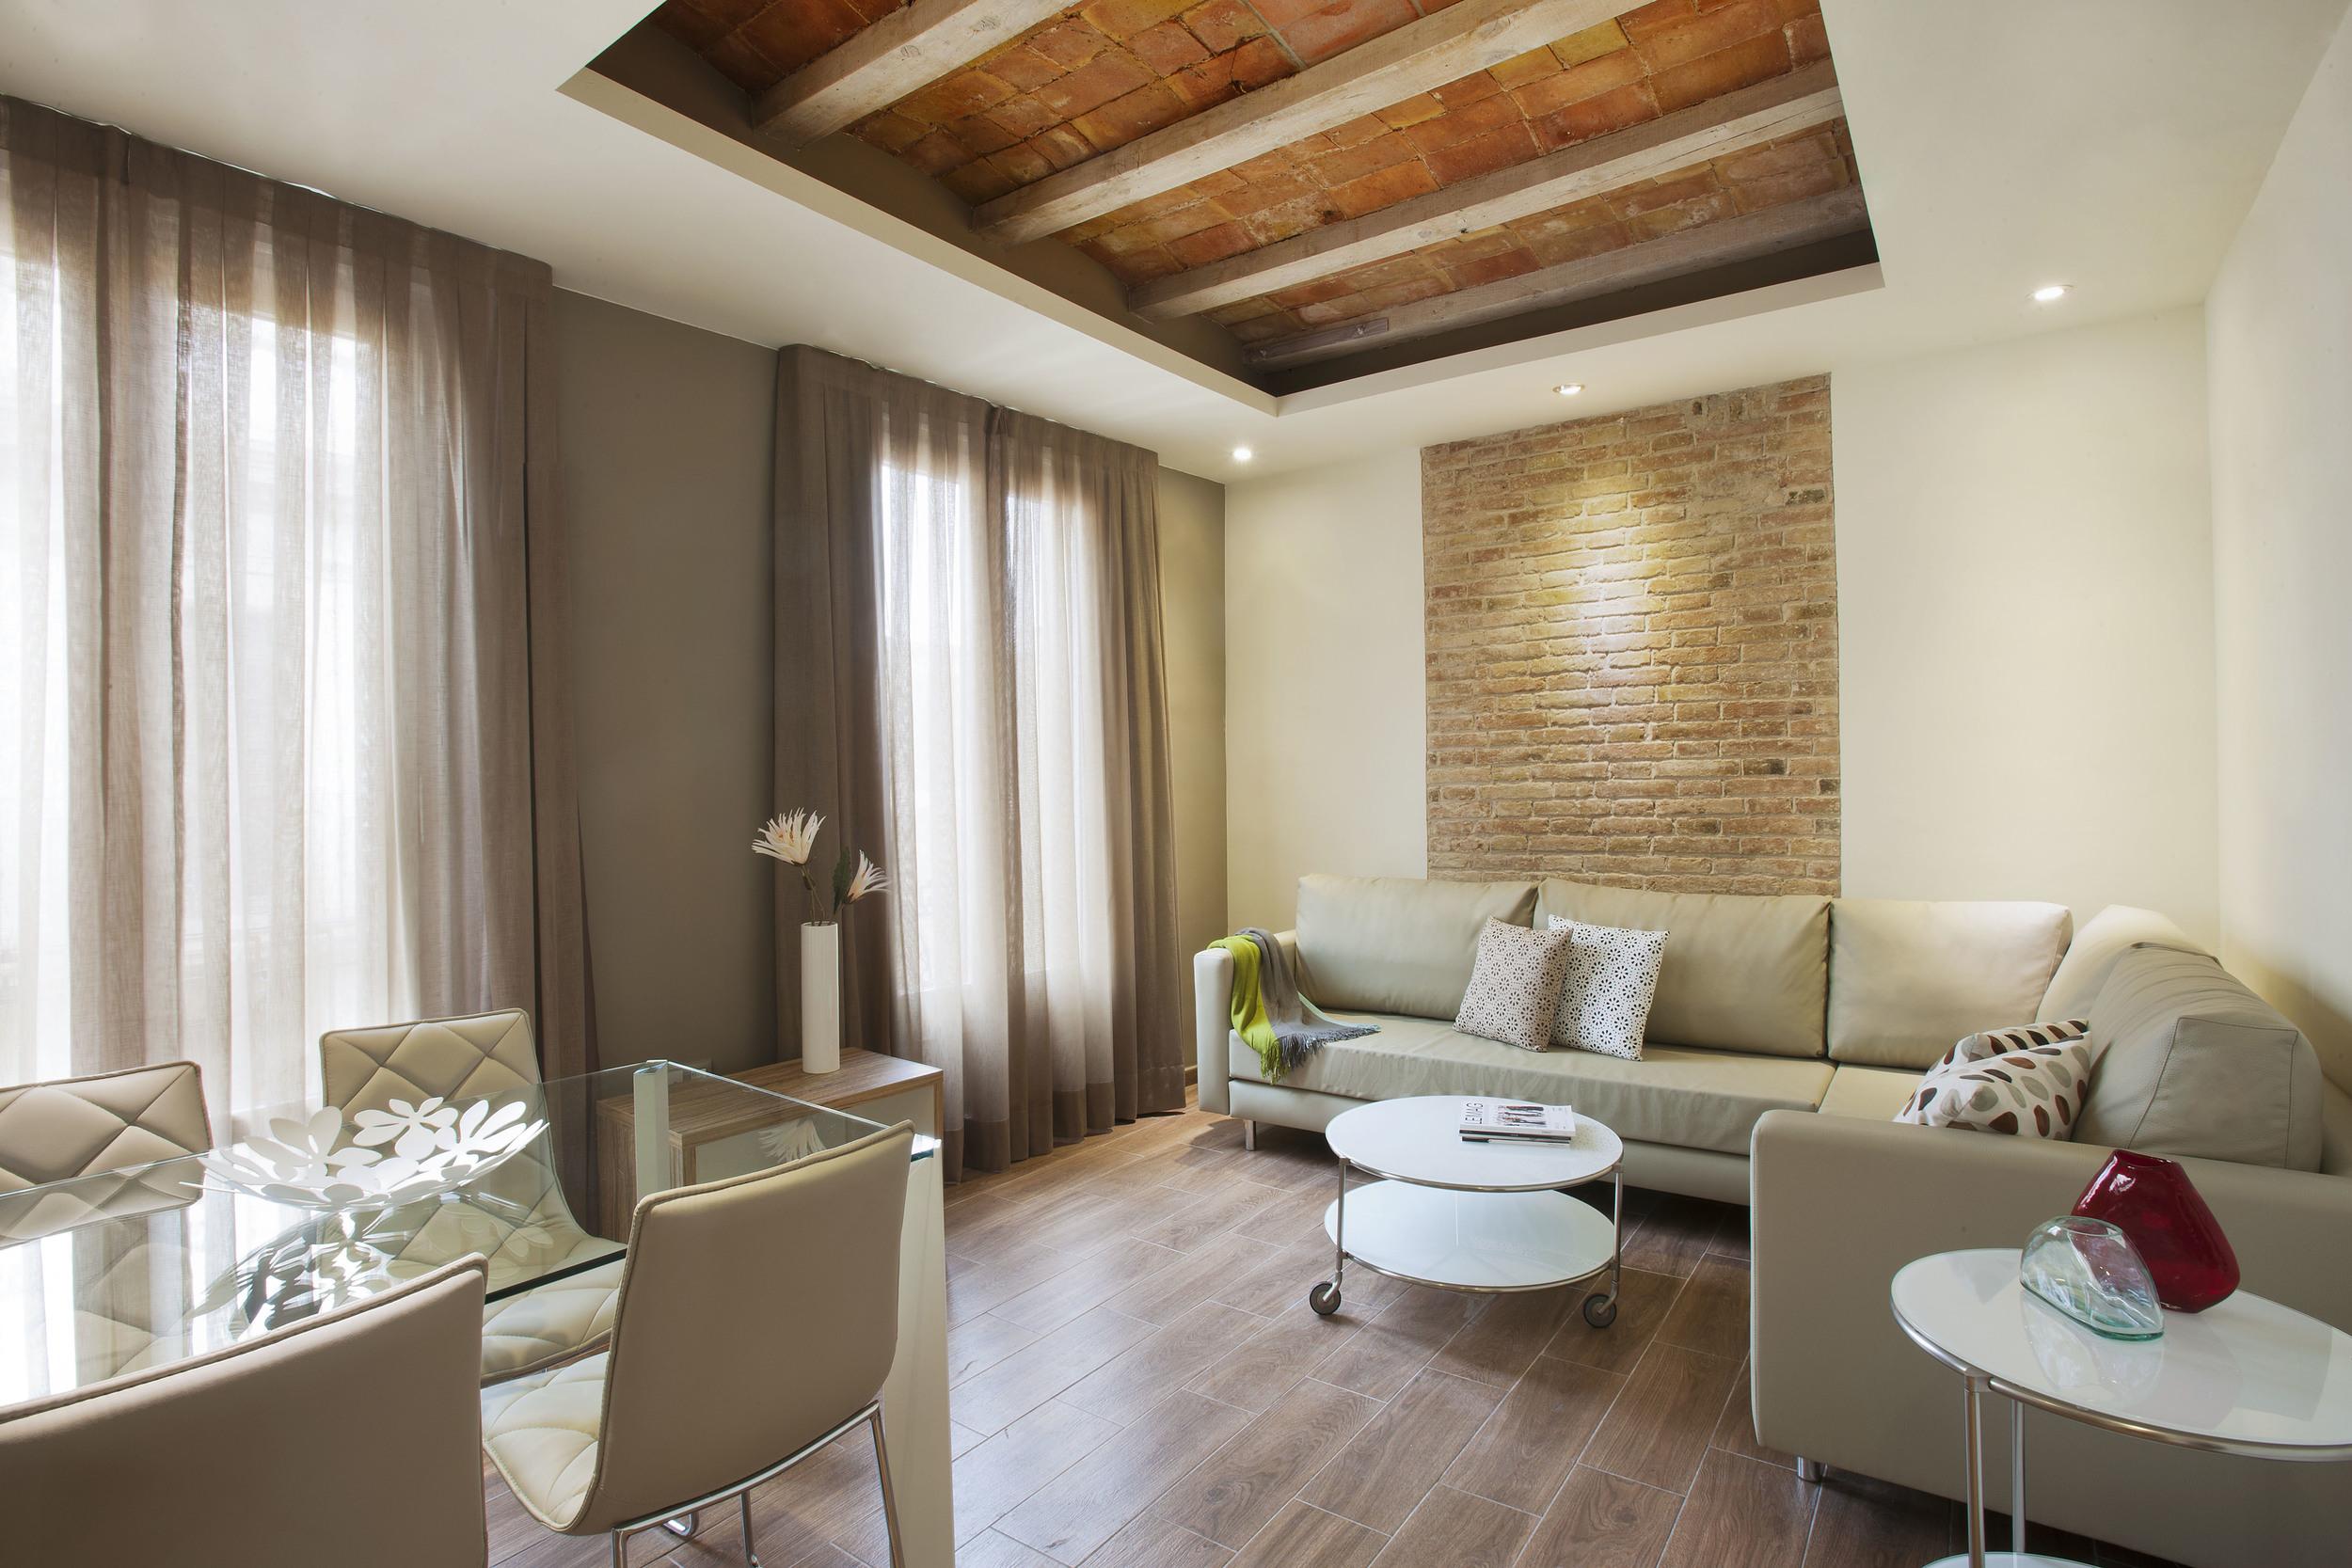 BCN APT MILA Deluxe living room.JPG